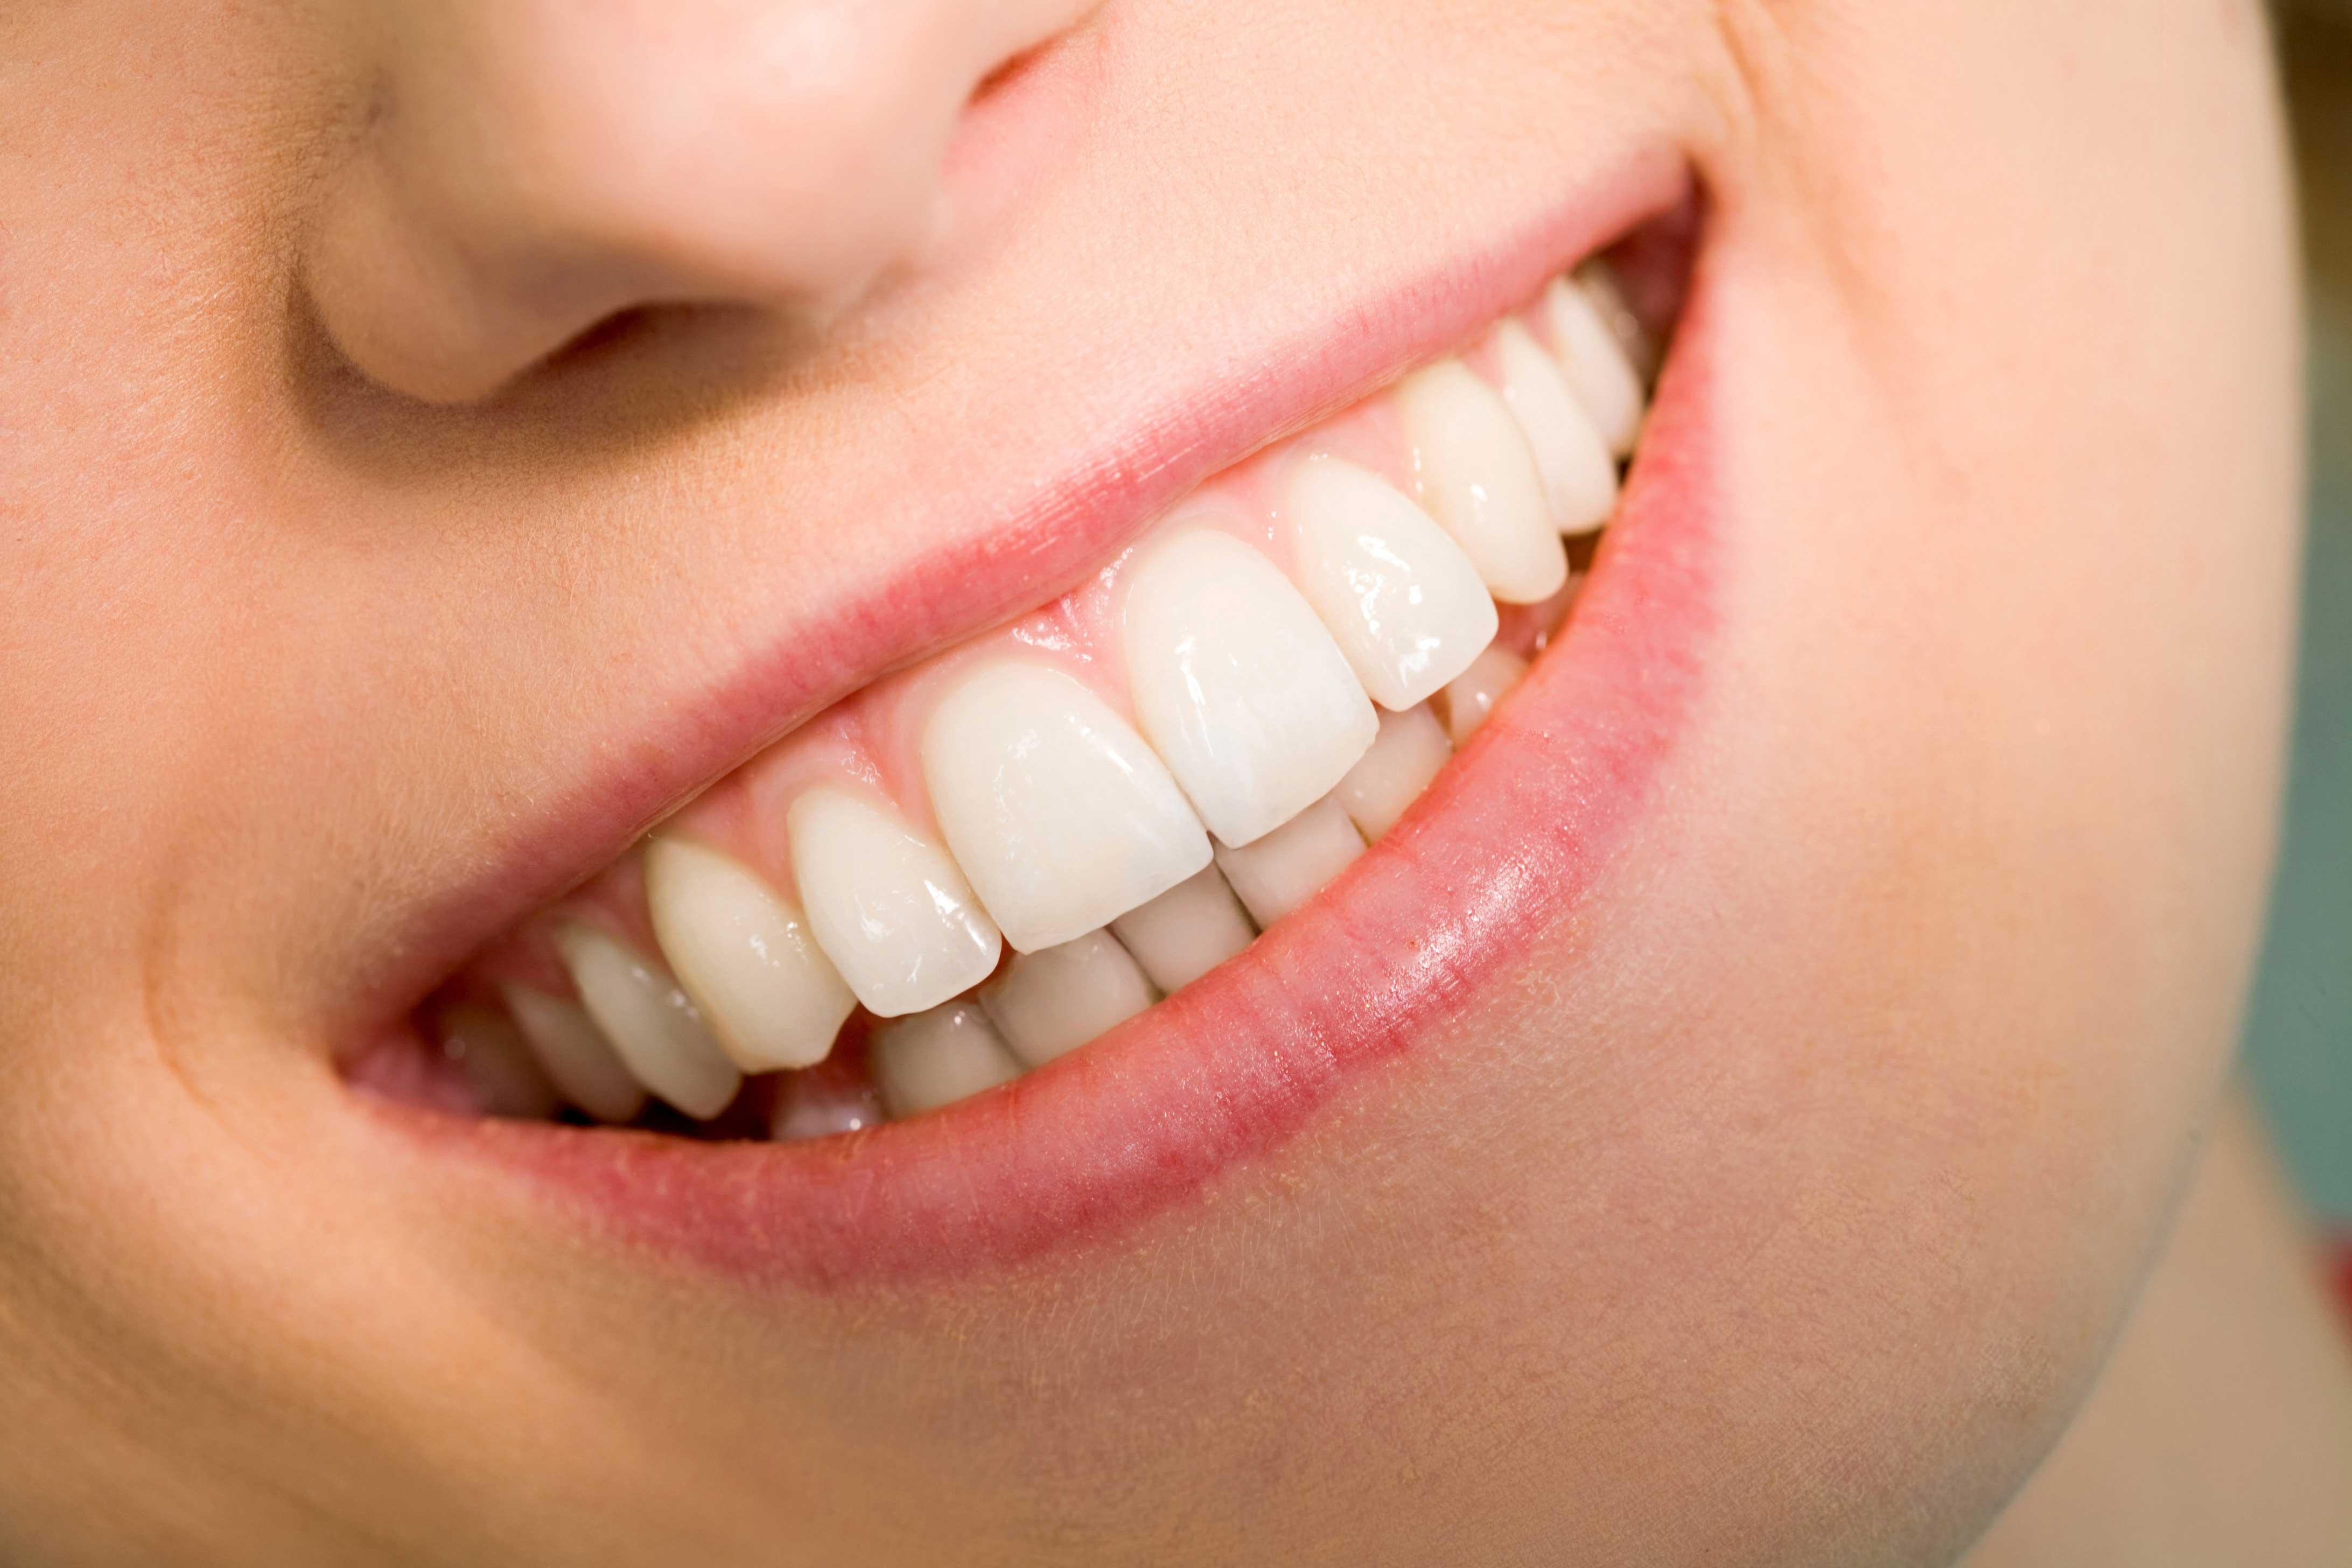 想让牙齿变白?小心病急乱投医!